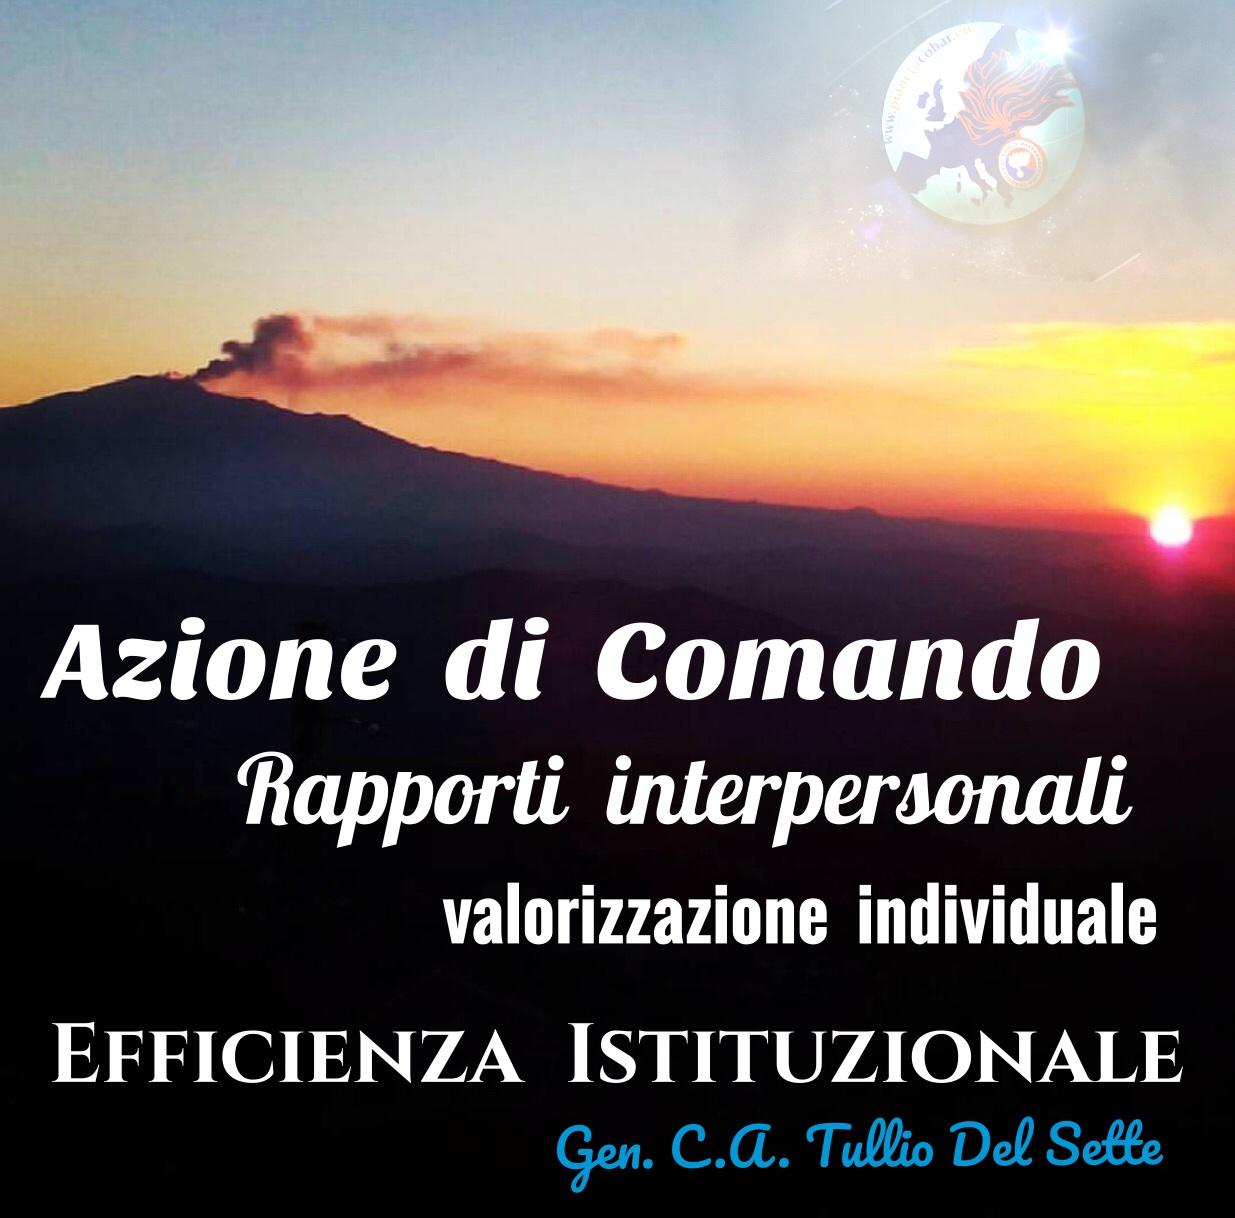 Disposizioni Circolari E Attivita Per I Carabinieri Pianeta Cobar